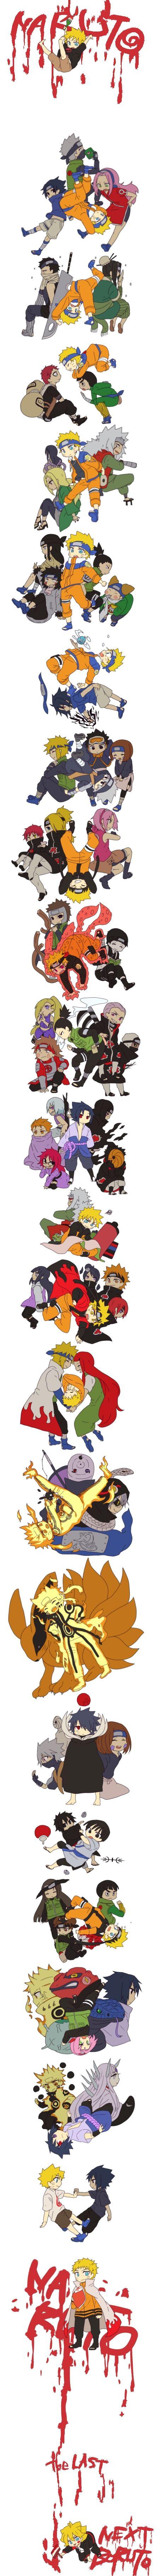 El enlace de esta serie manga muestra desde sus inicios Q para lograr algo Tienes Q luchar X ello. Naruto Uzumaki Hokage D konoha lucho sin nadie a su lado solo su sensei quien creía el luego al lado de sus amigos quienes se gano su confianza y respeto; tiempo después dándole paso al amor y eli y sufrió por ello asta llegar a tener a su descendencia Bolt y de a qui parte otra generation de ninjas gerreros.